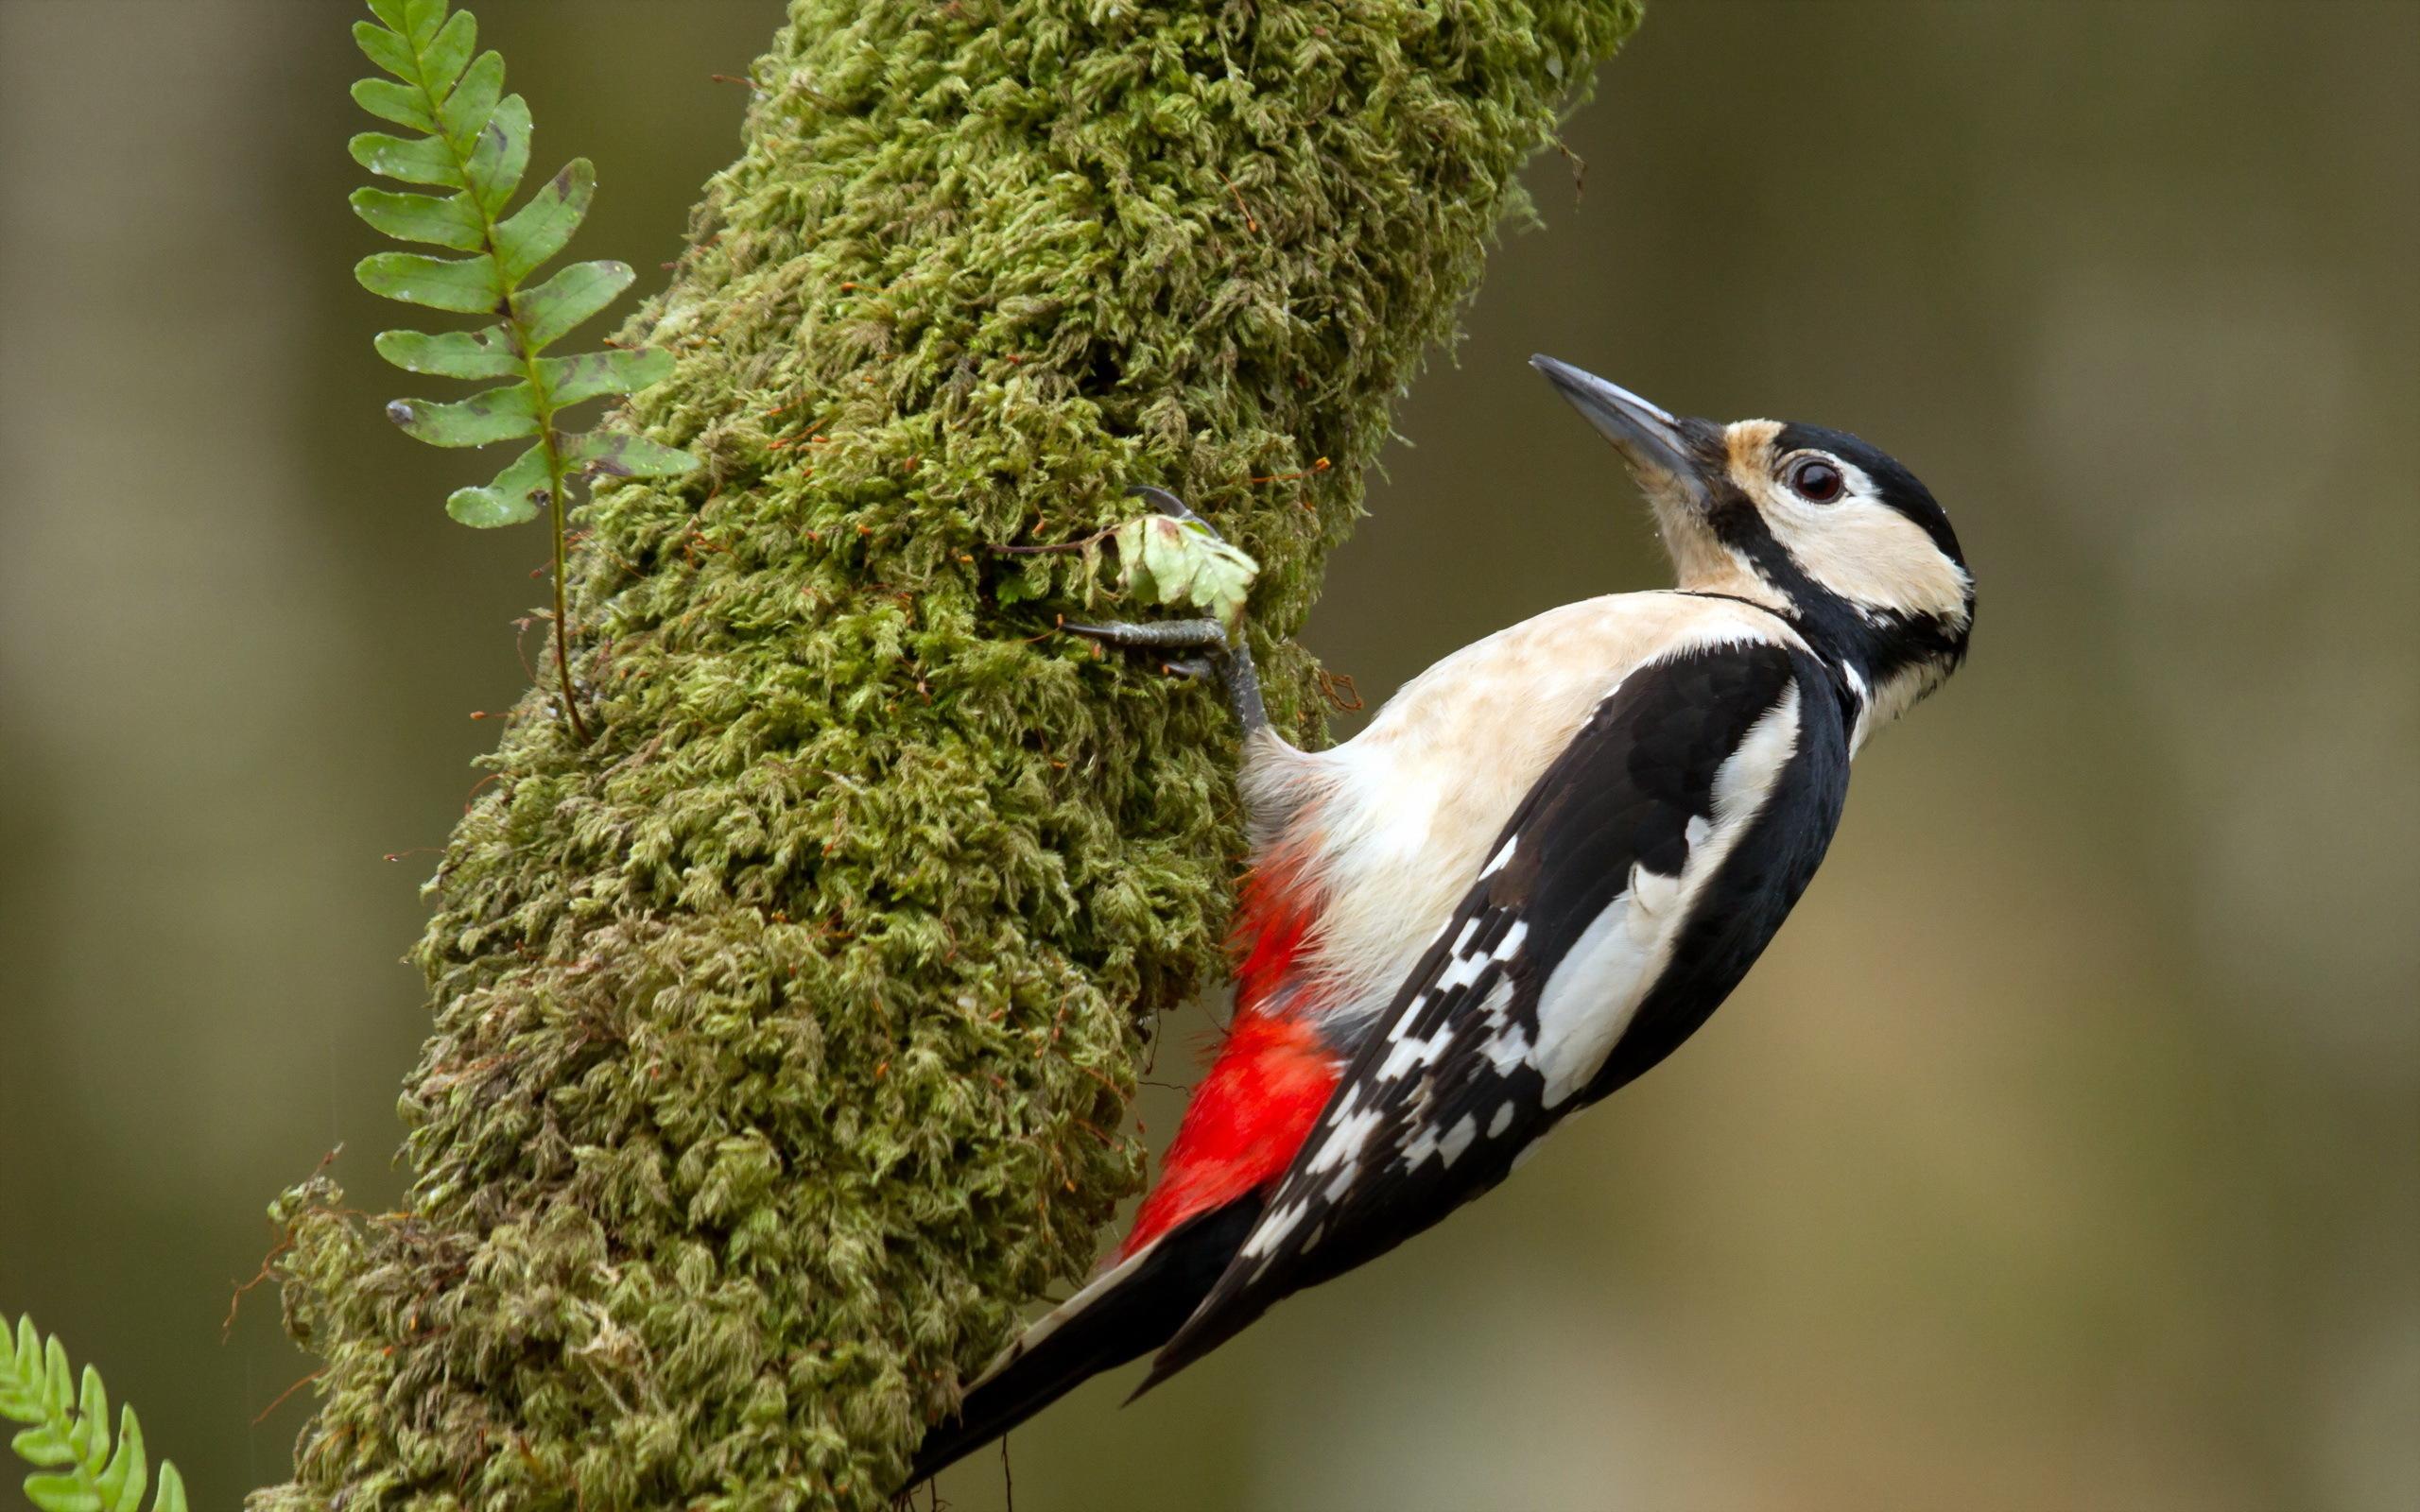 Фото птиц в отличном качестве